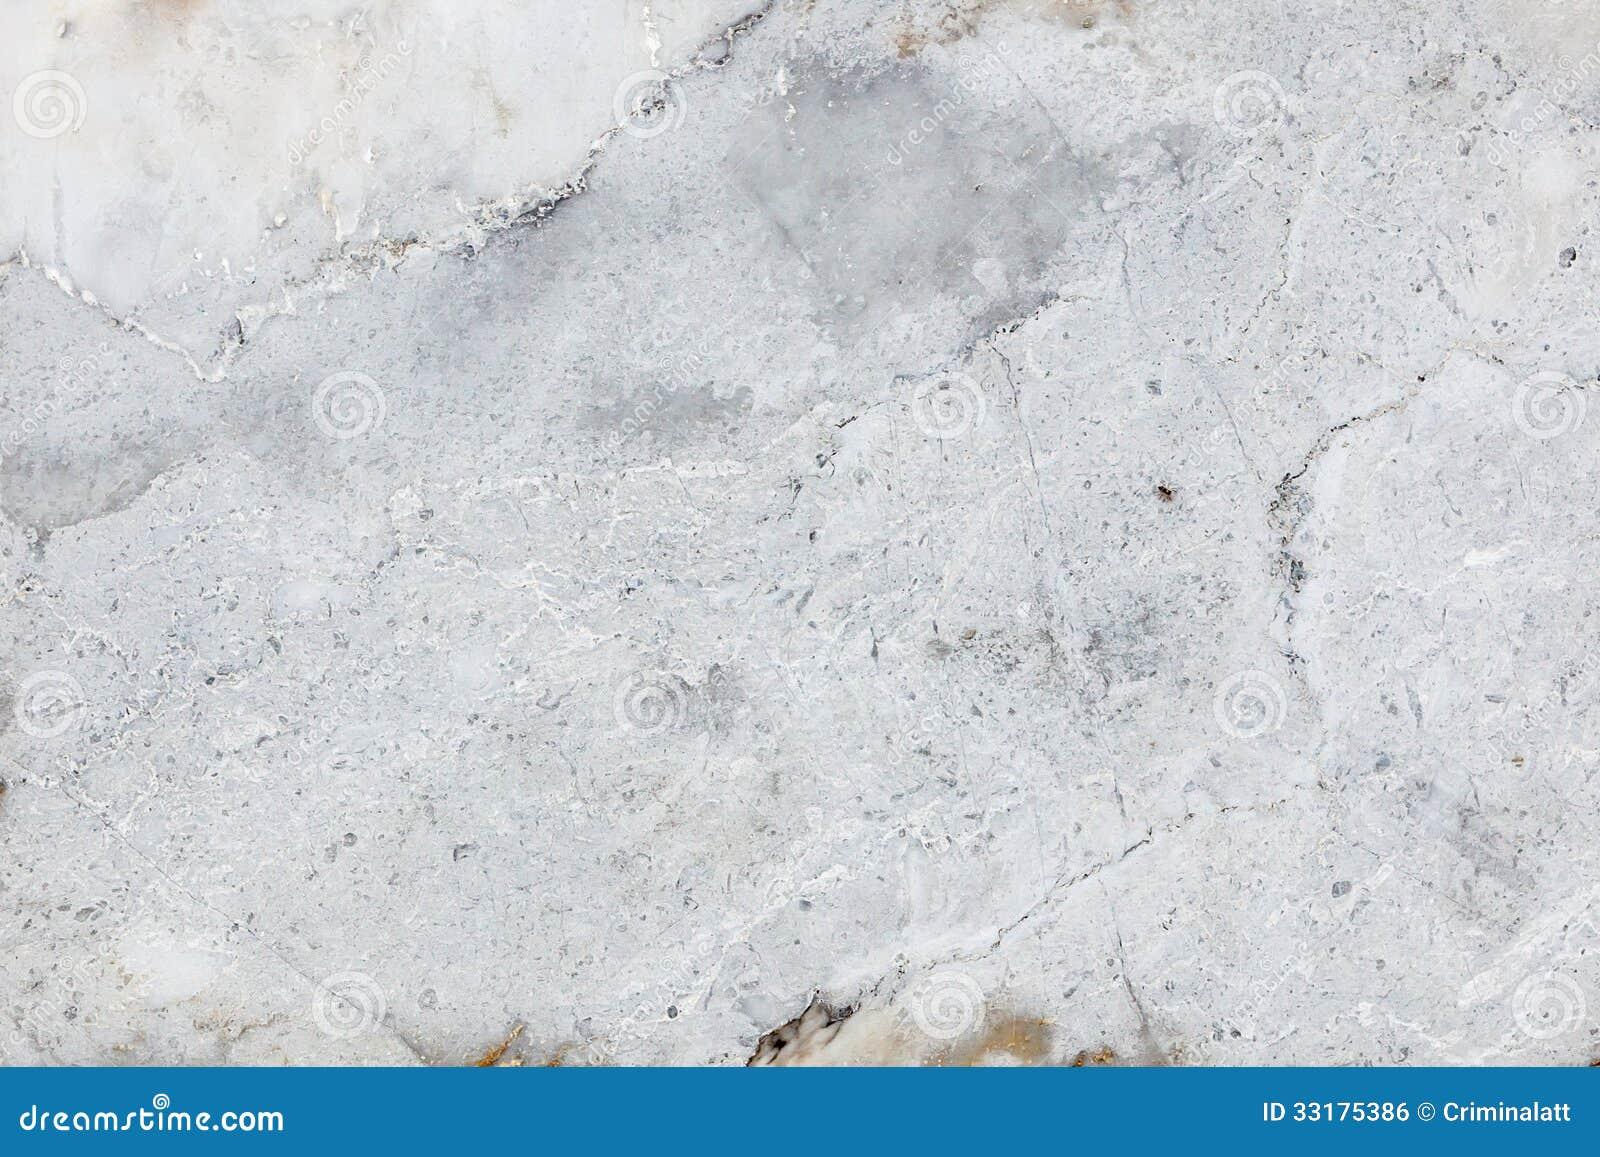 Texture de marbre blanche photo stock. Image du lumineux - 33175386